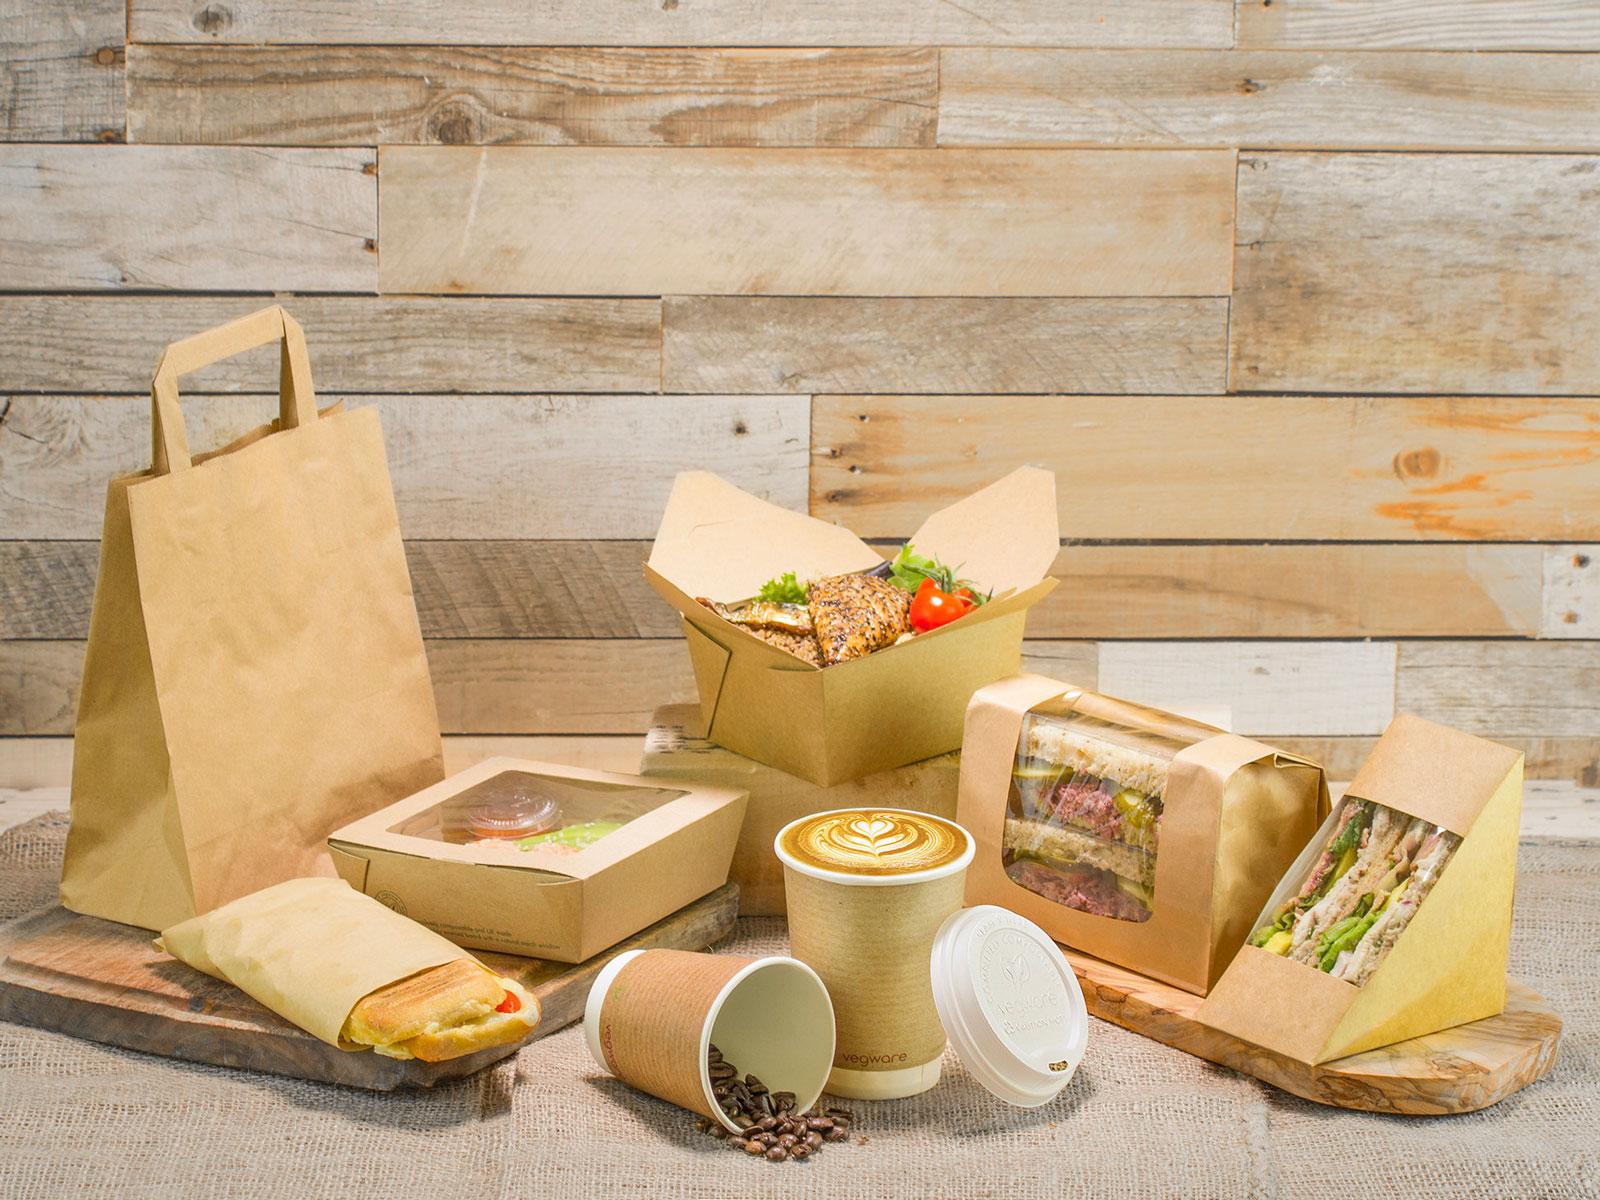 Soluciones biodegradables y compostables para el take away